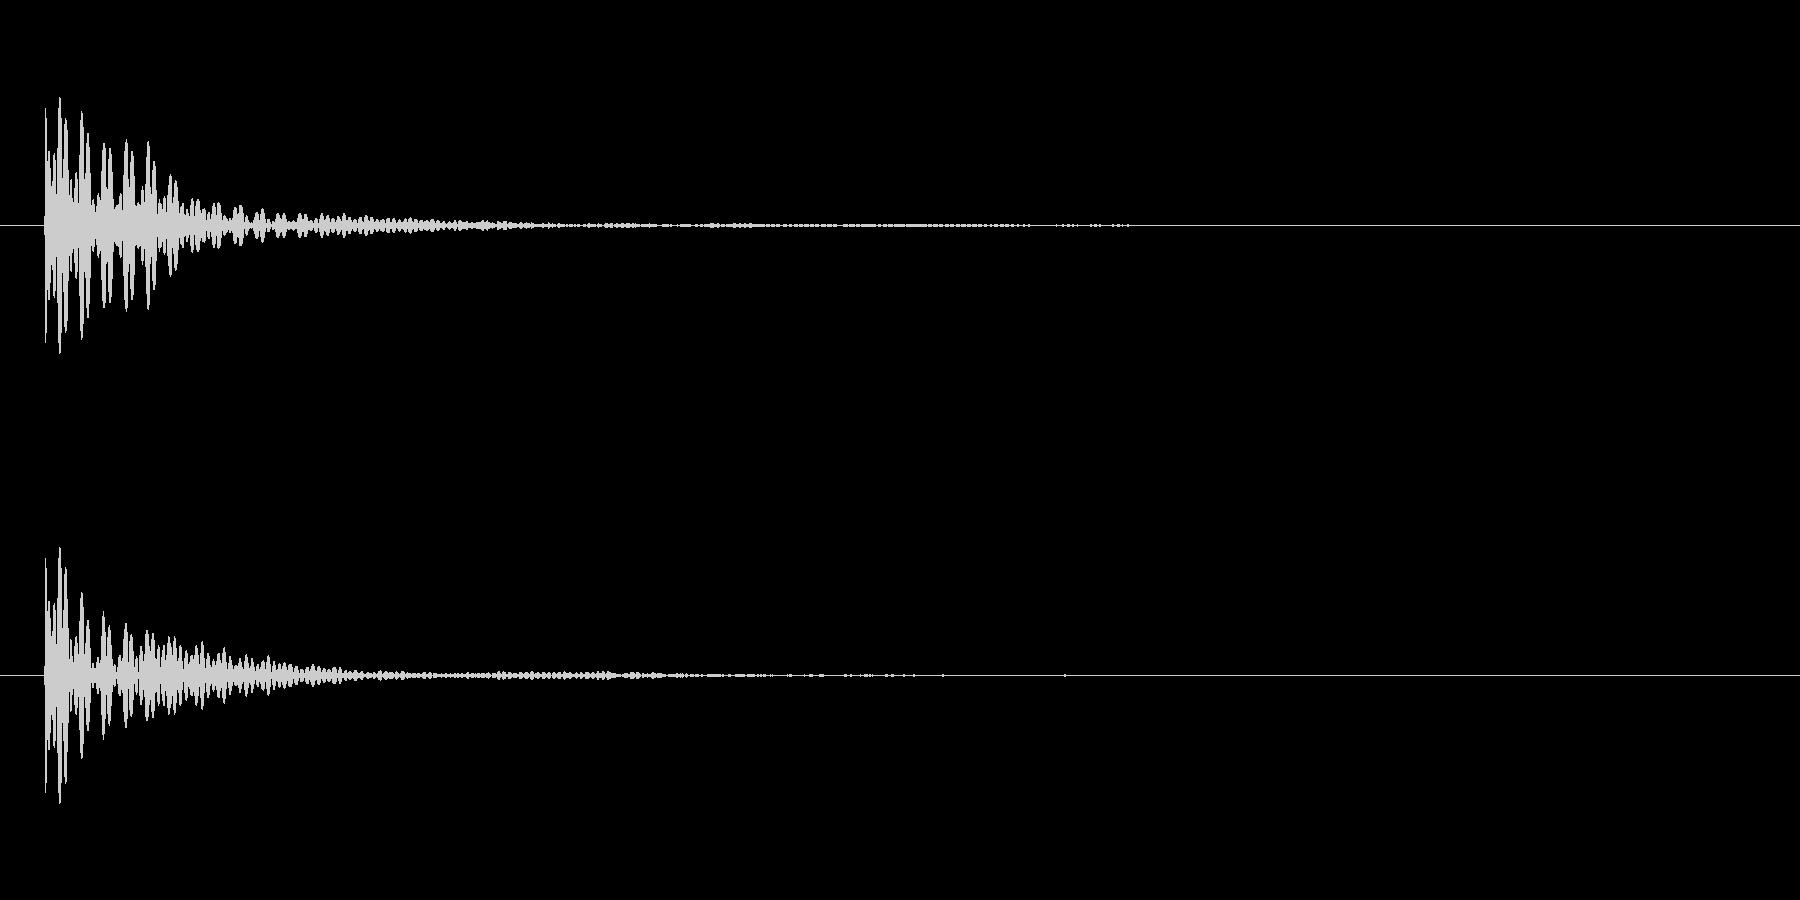 ポン カーソル音 タップ音 C#-15_の未再生の波形